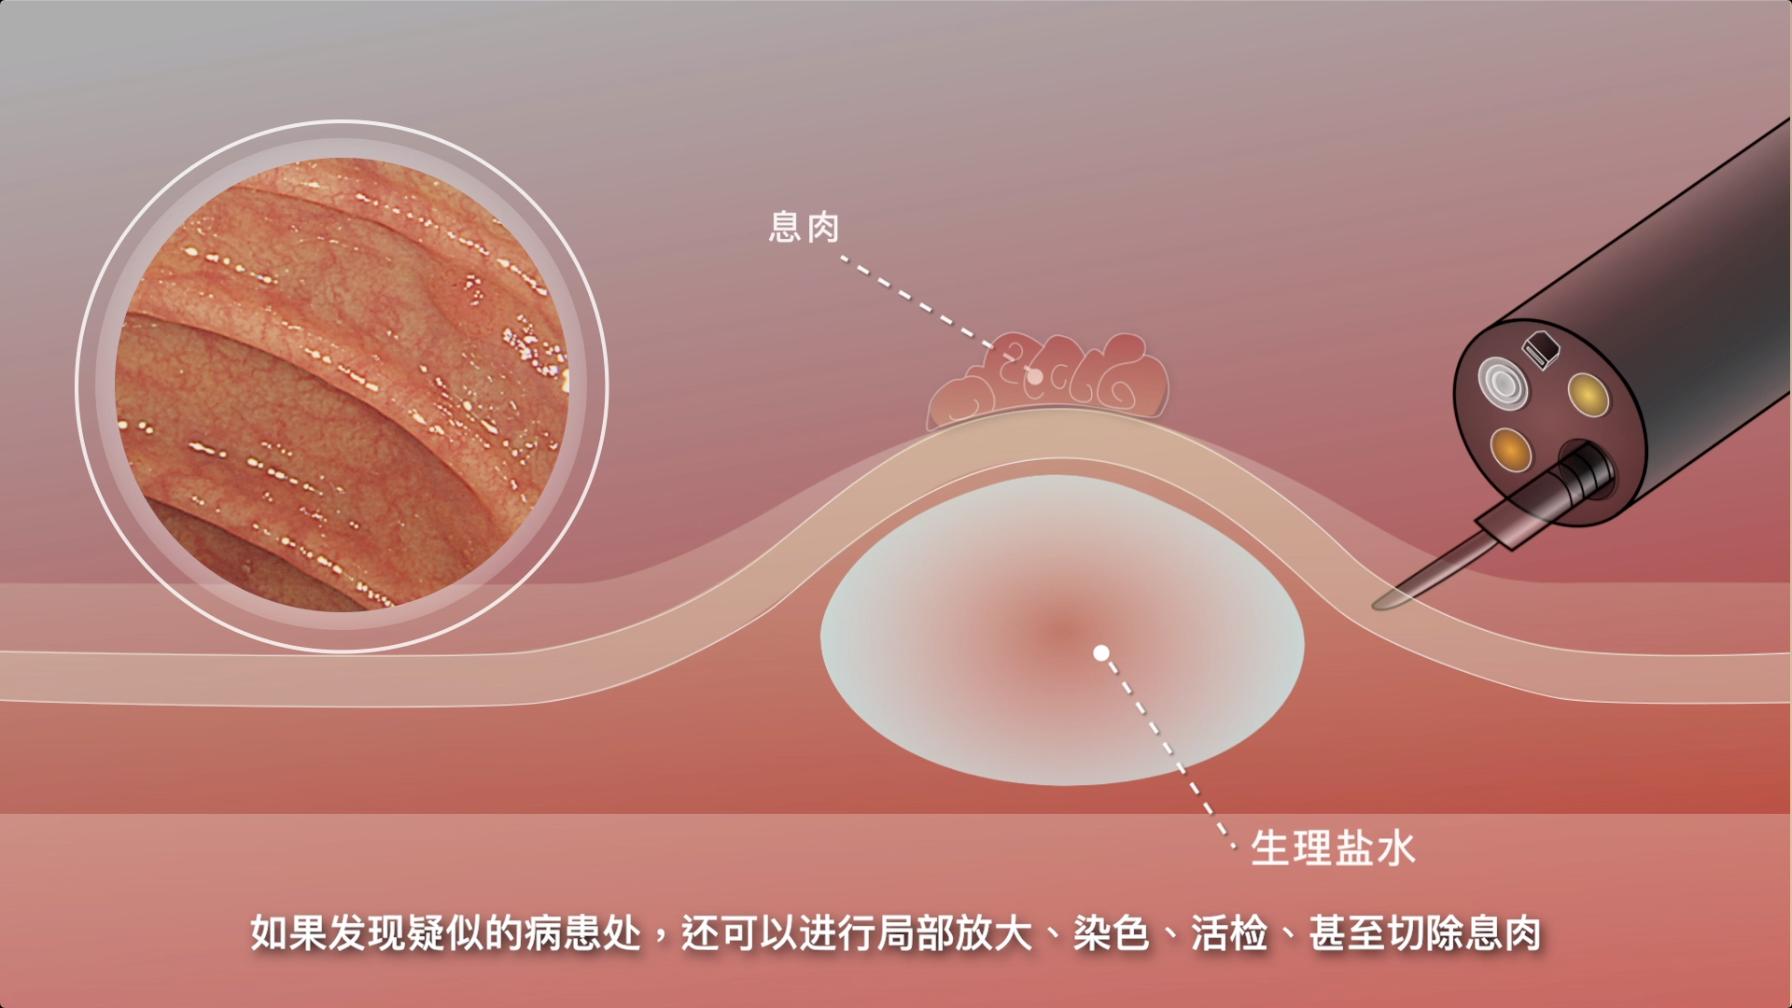 大肠CT和胶囊镜,无法替代肠镜检查